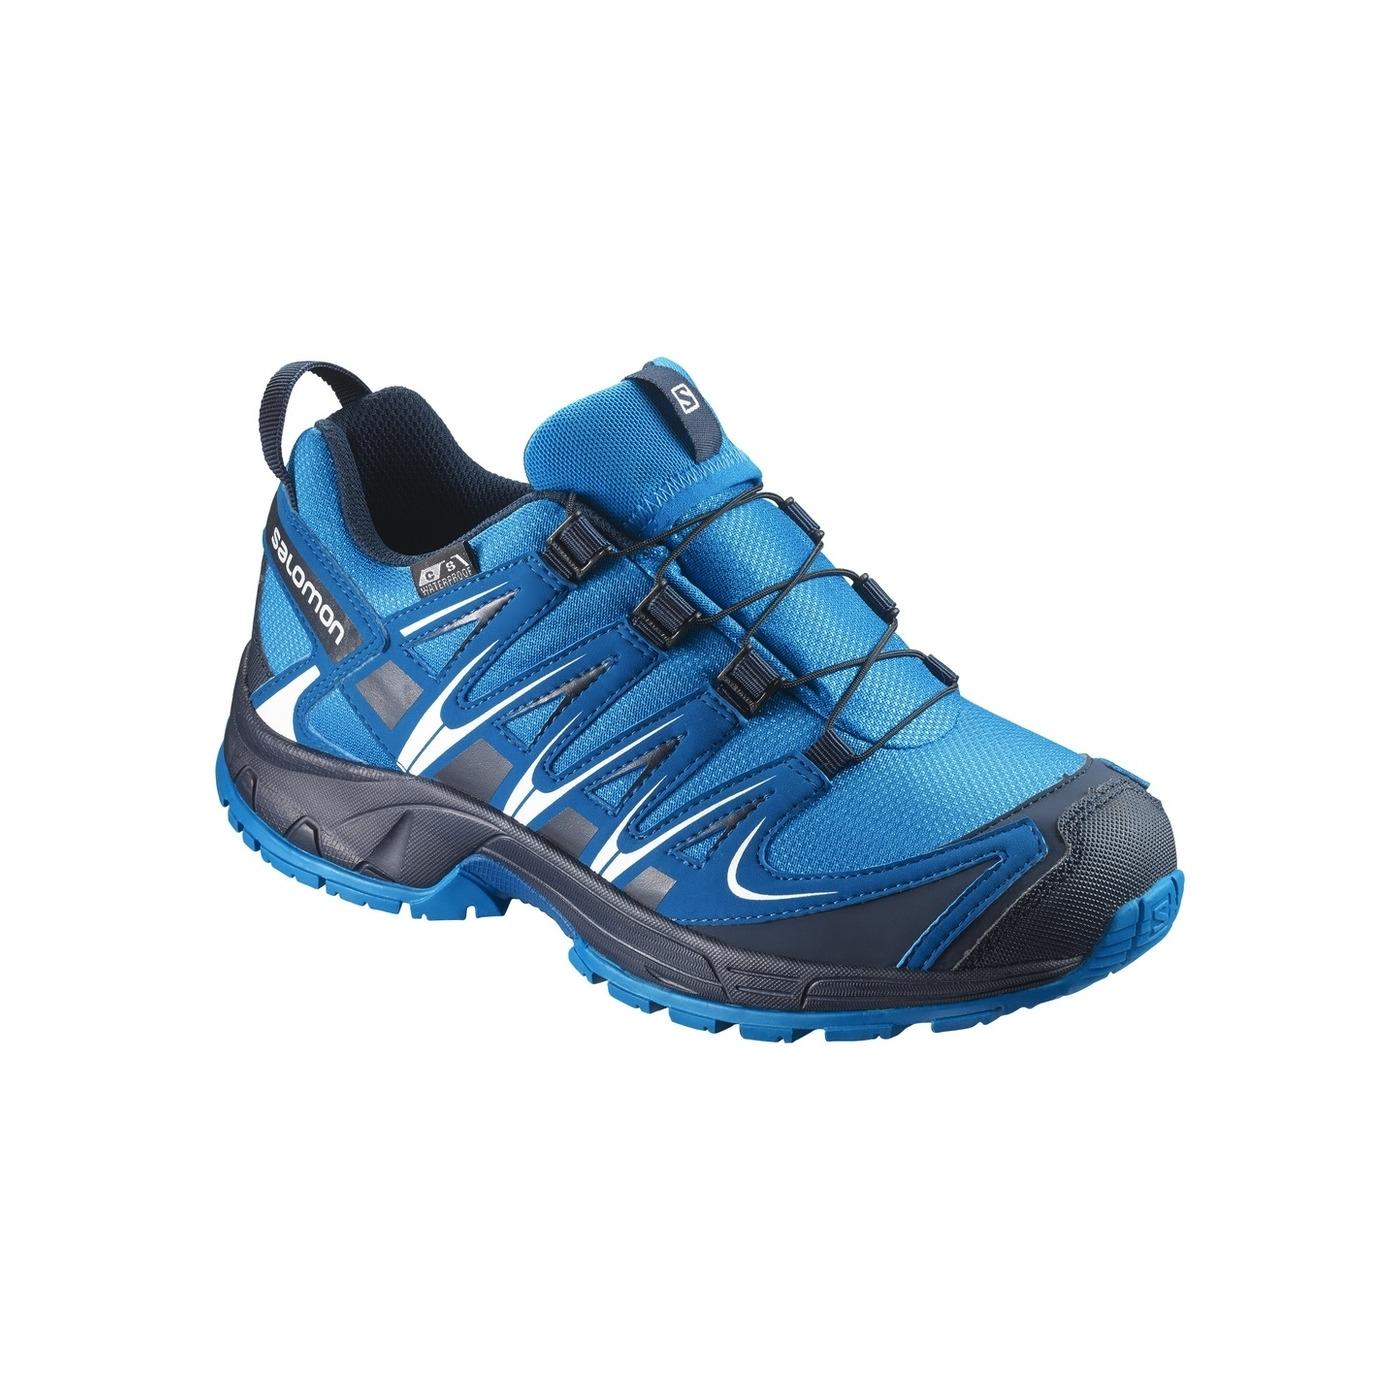 Straßenpreis Entdecken Sie die neuesten Trends Neue Produkte Chaussures Salomon Jr Xa Pro 3d Cswp J Hawaiian